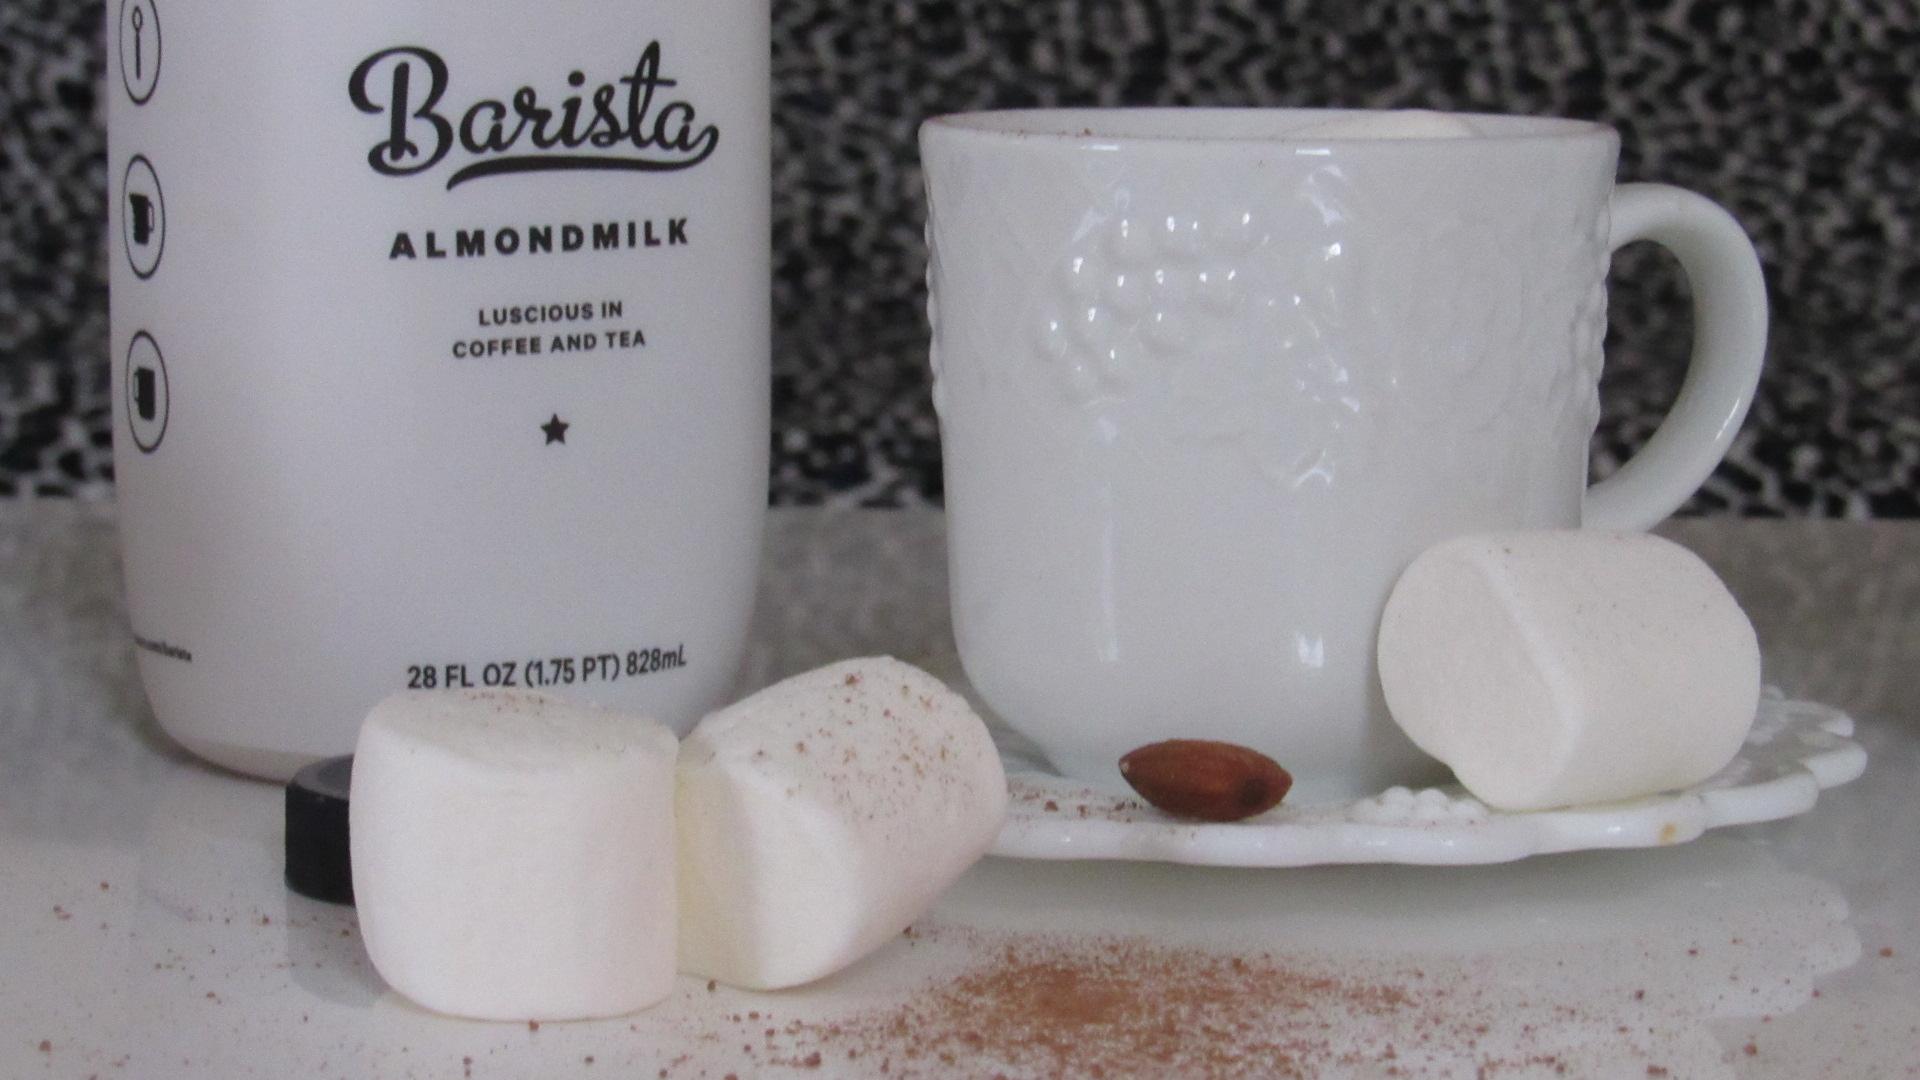 New Barn Organic Unsweetened Almondmilk Barista